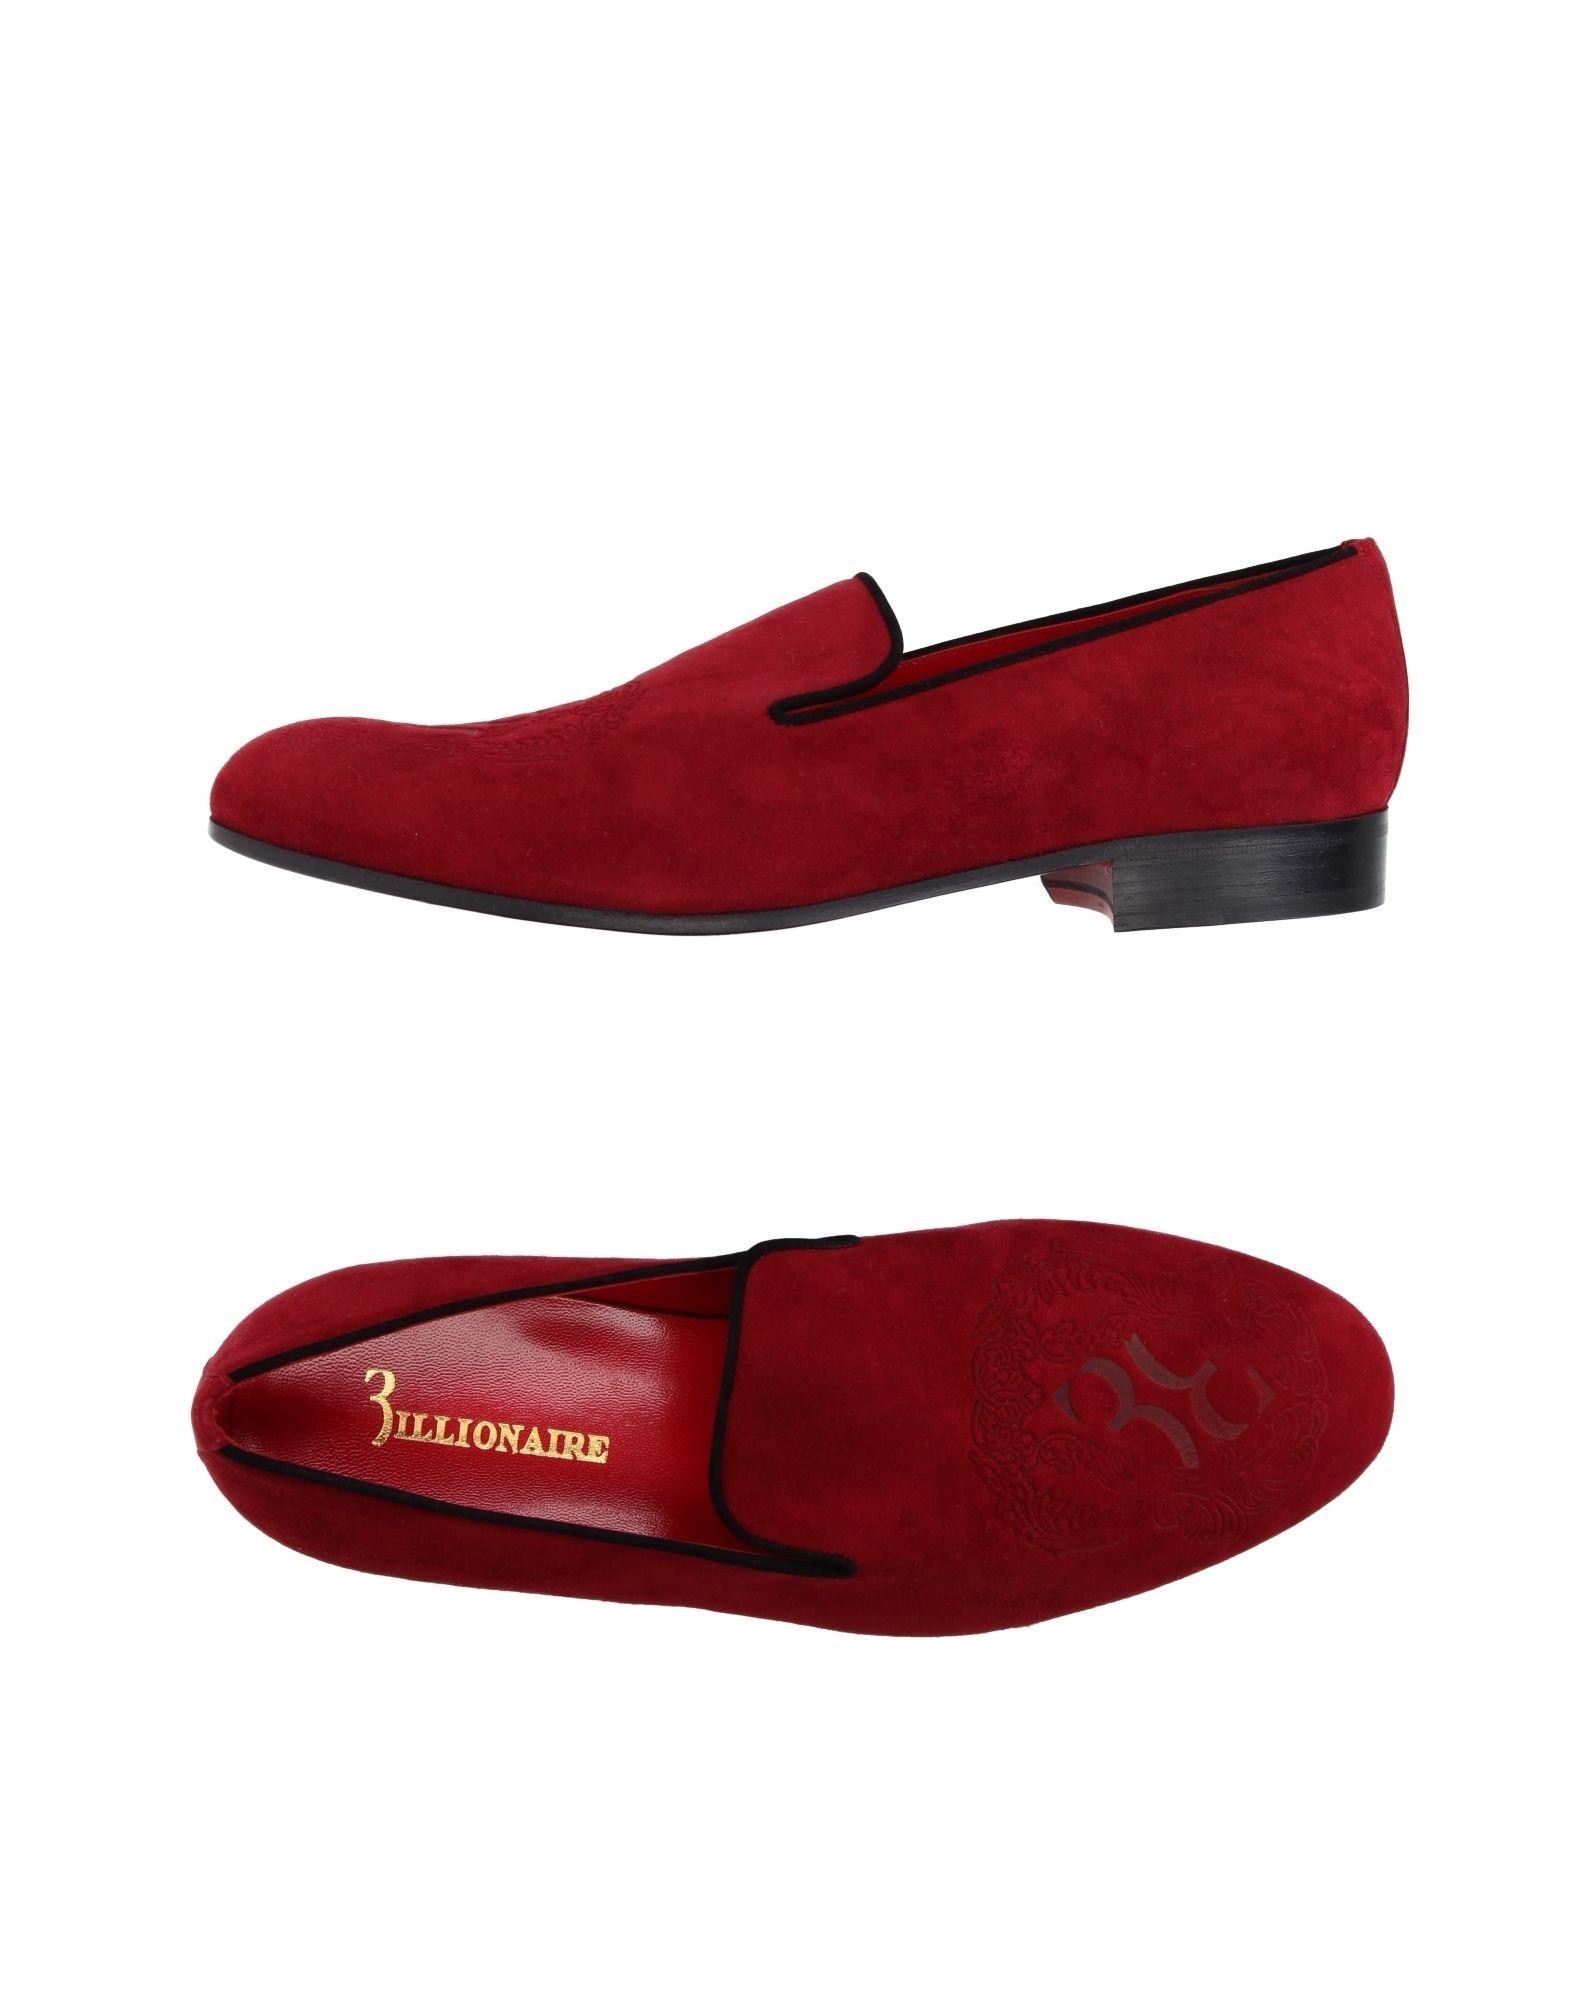 Billionaire Mokassins Herren  11222161FN Gute Qualität beliebte Schuhe